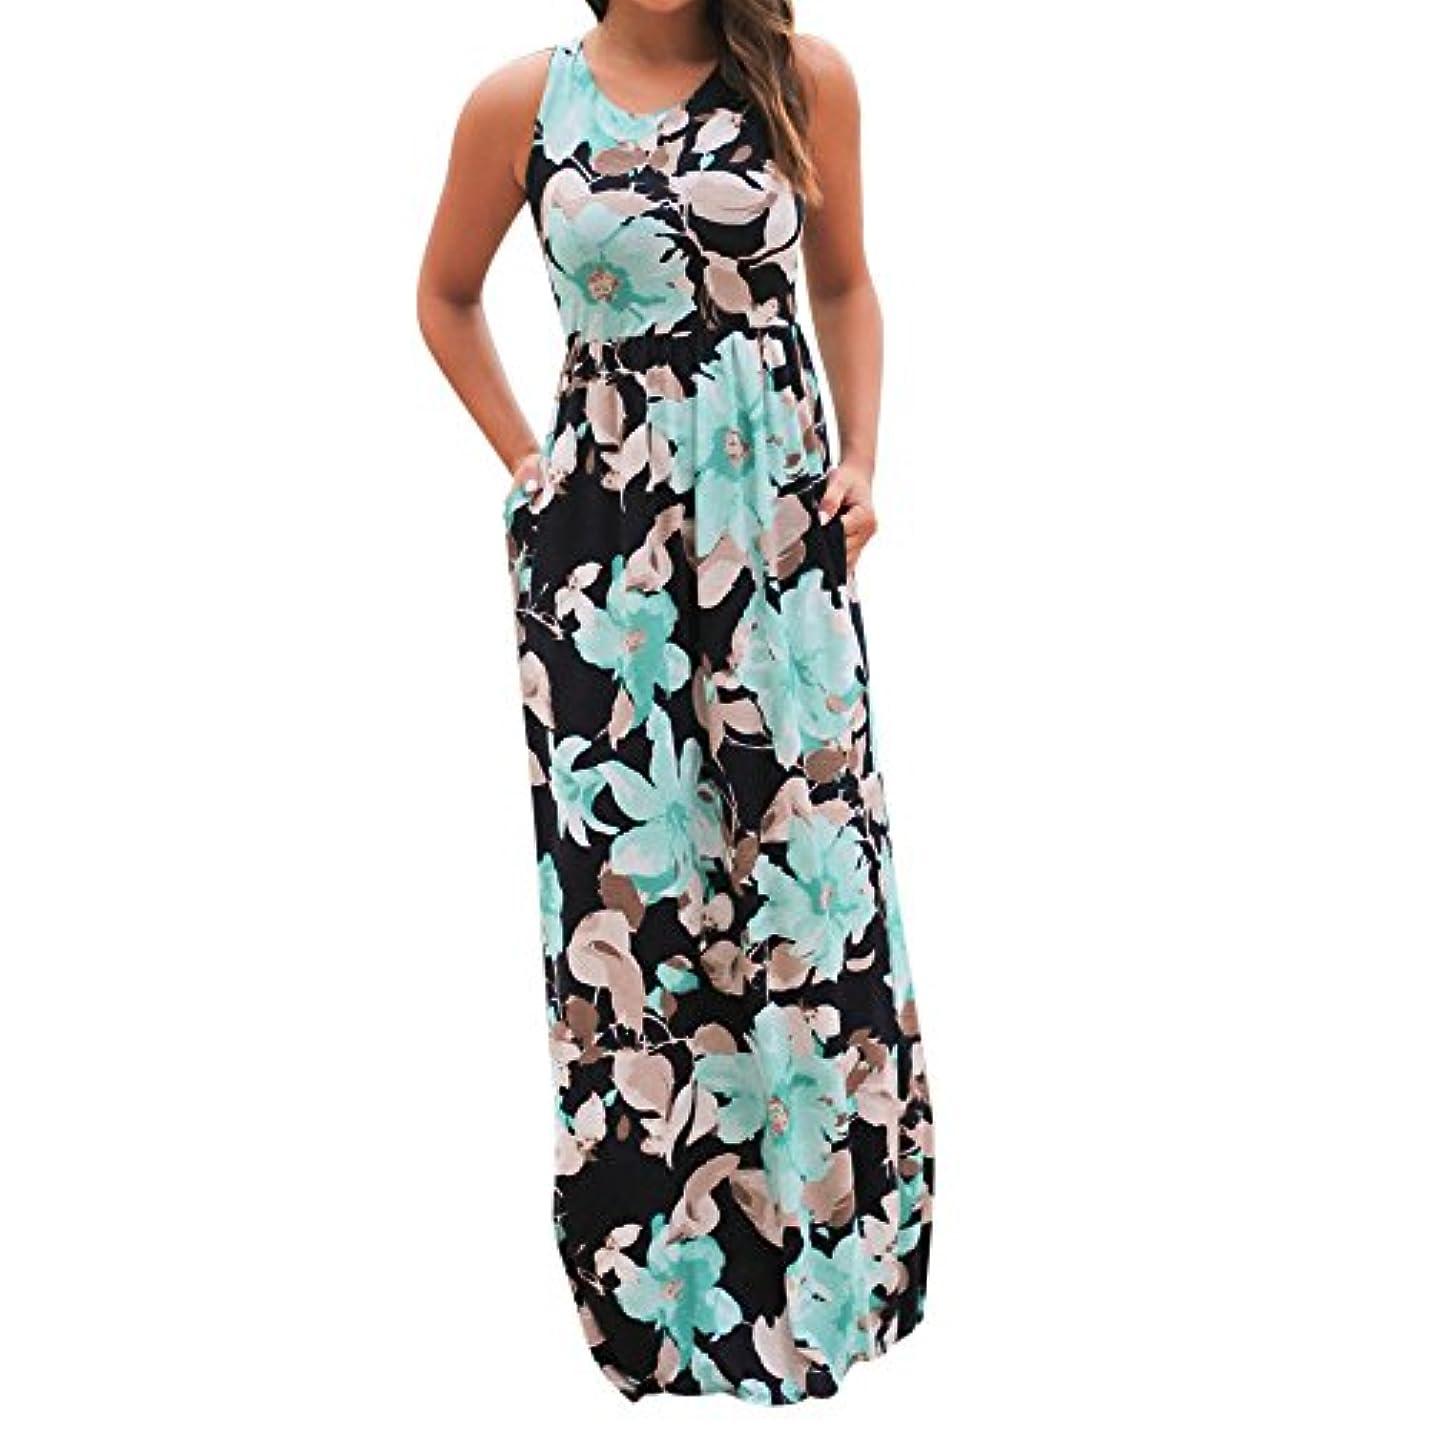 プラス嵐情熱SakuraBest Women Sleeveless Floral Print Maxi Long Dress with Pockets (L, Blue)